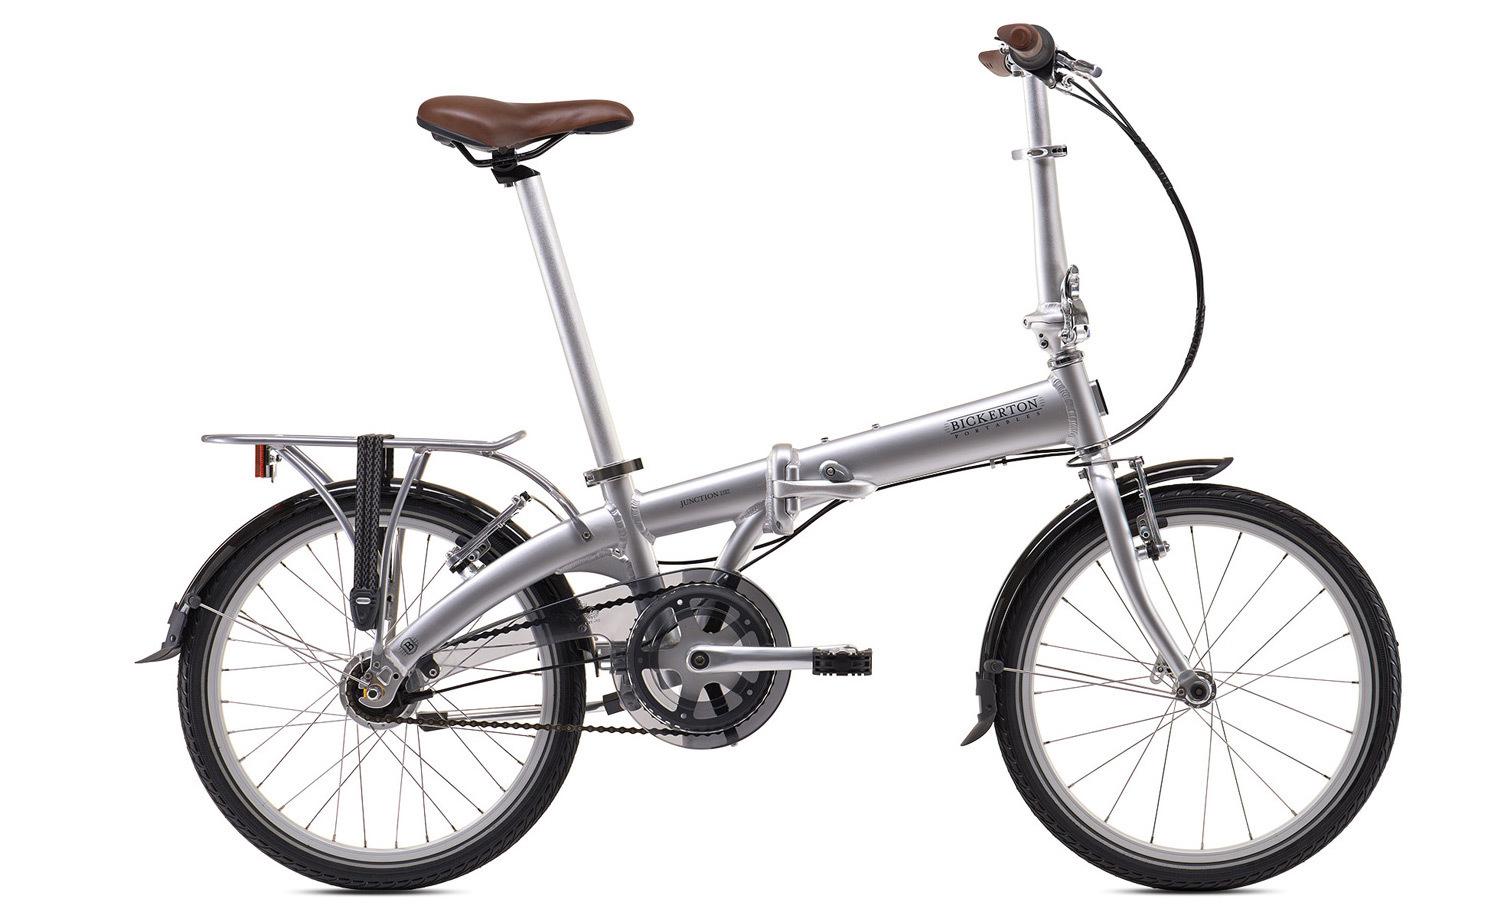 Лучшие складные велосипеды: независимый топ-6